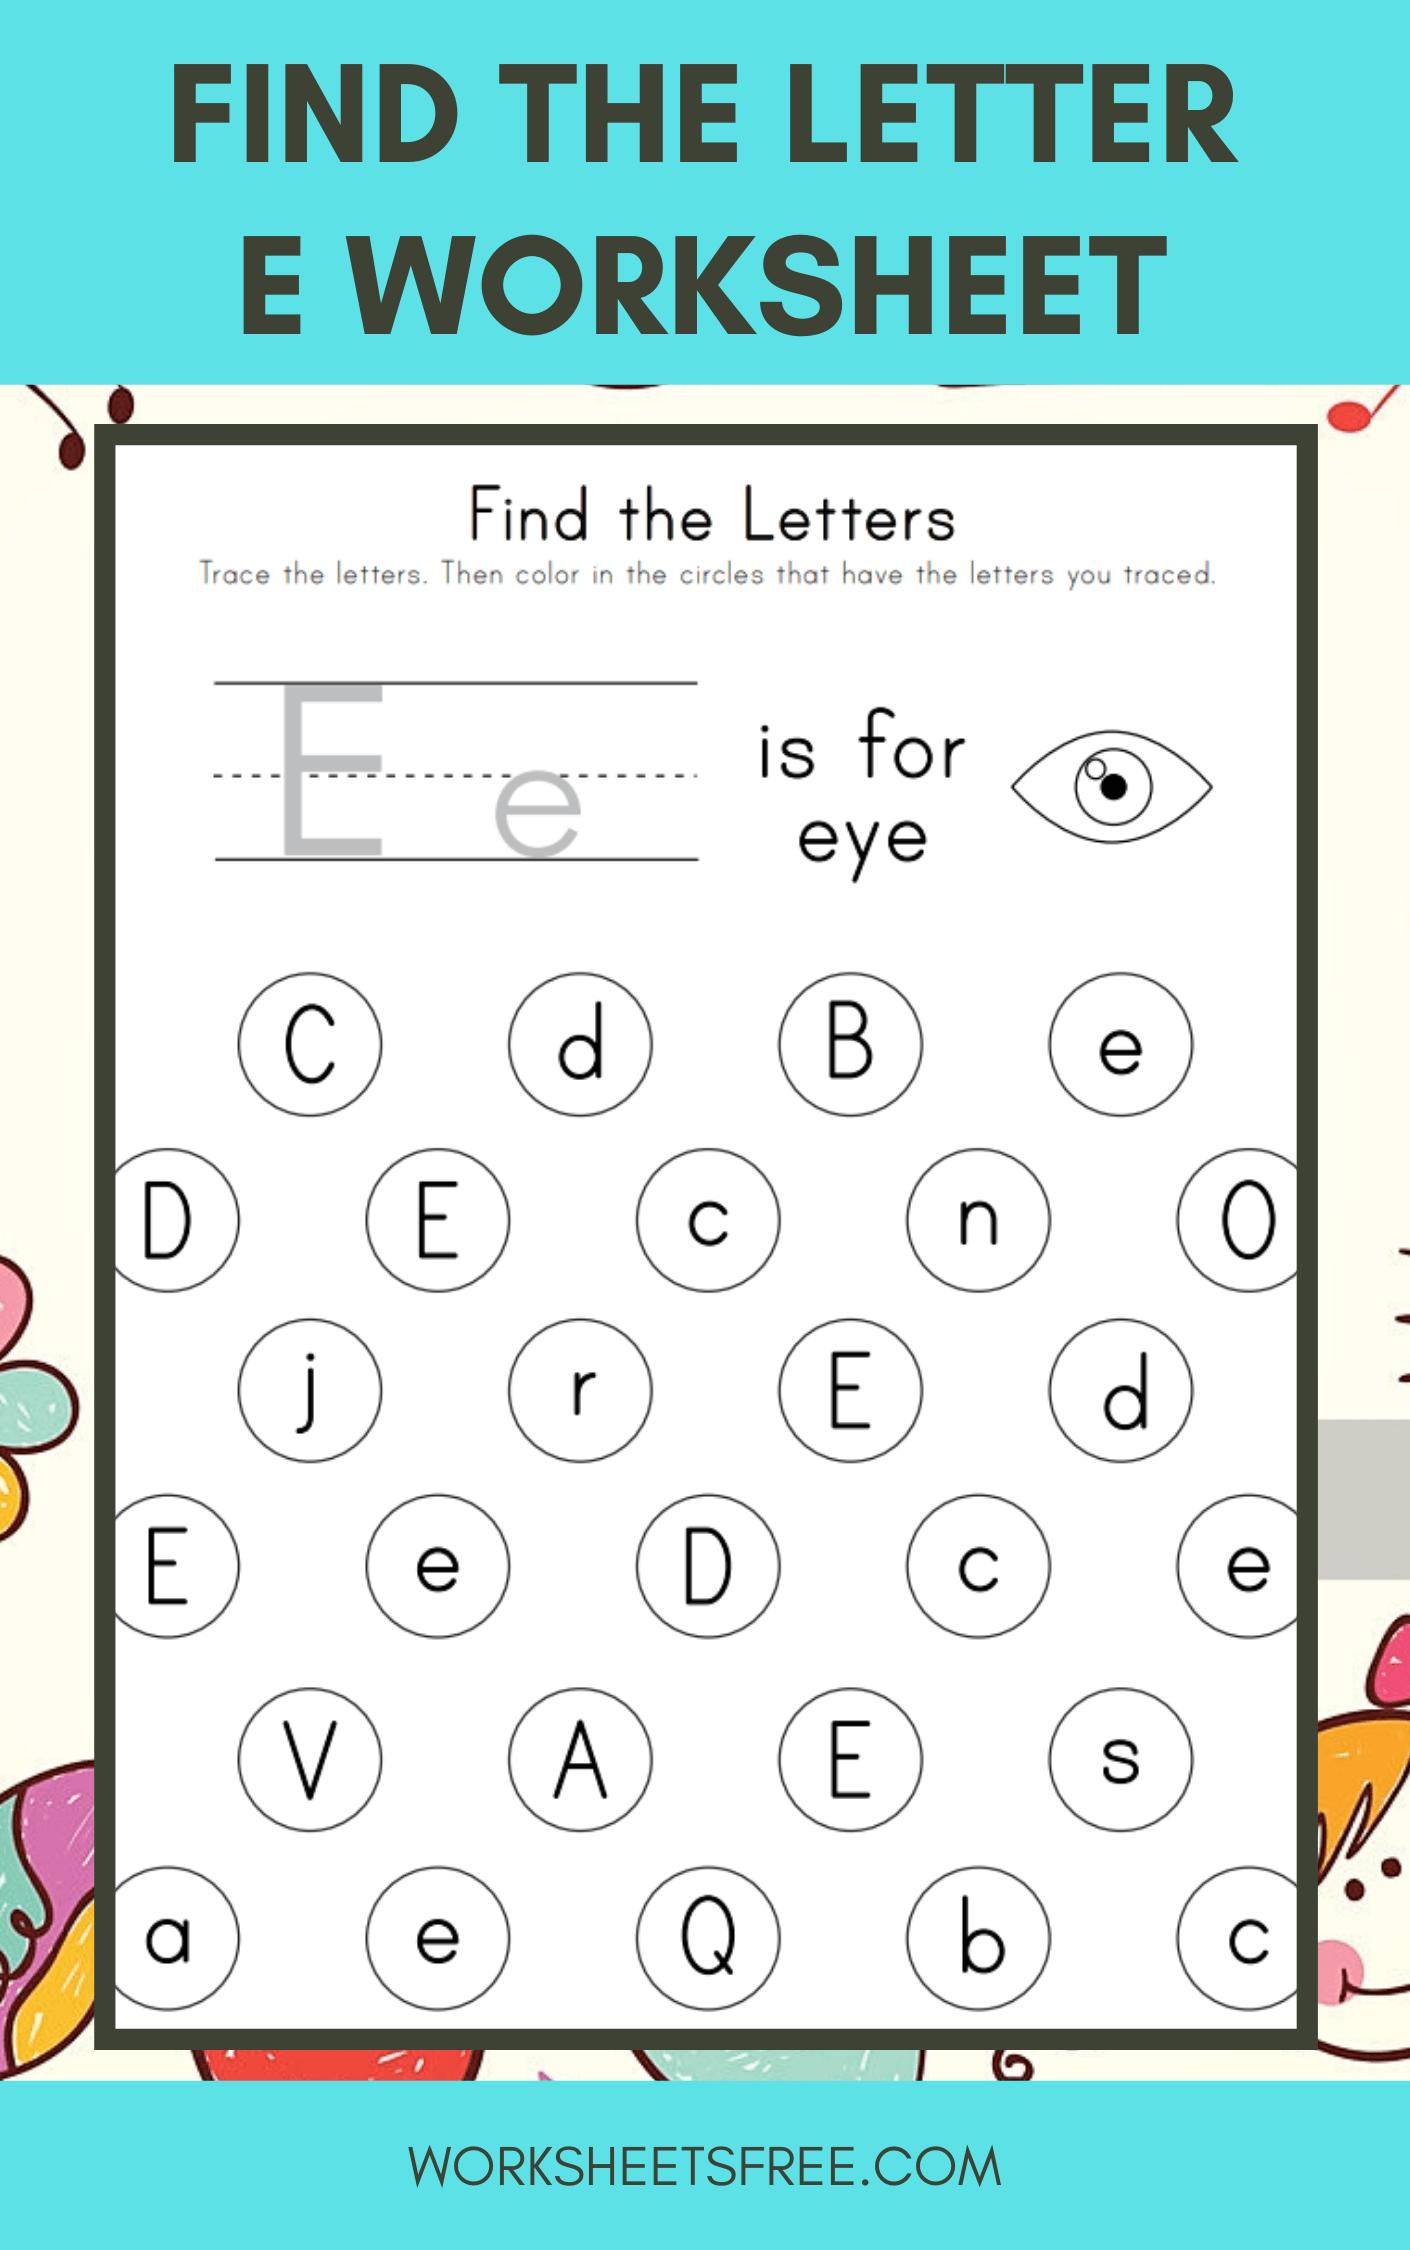 Find The Letter E Worksheet